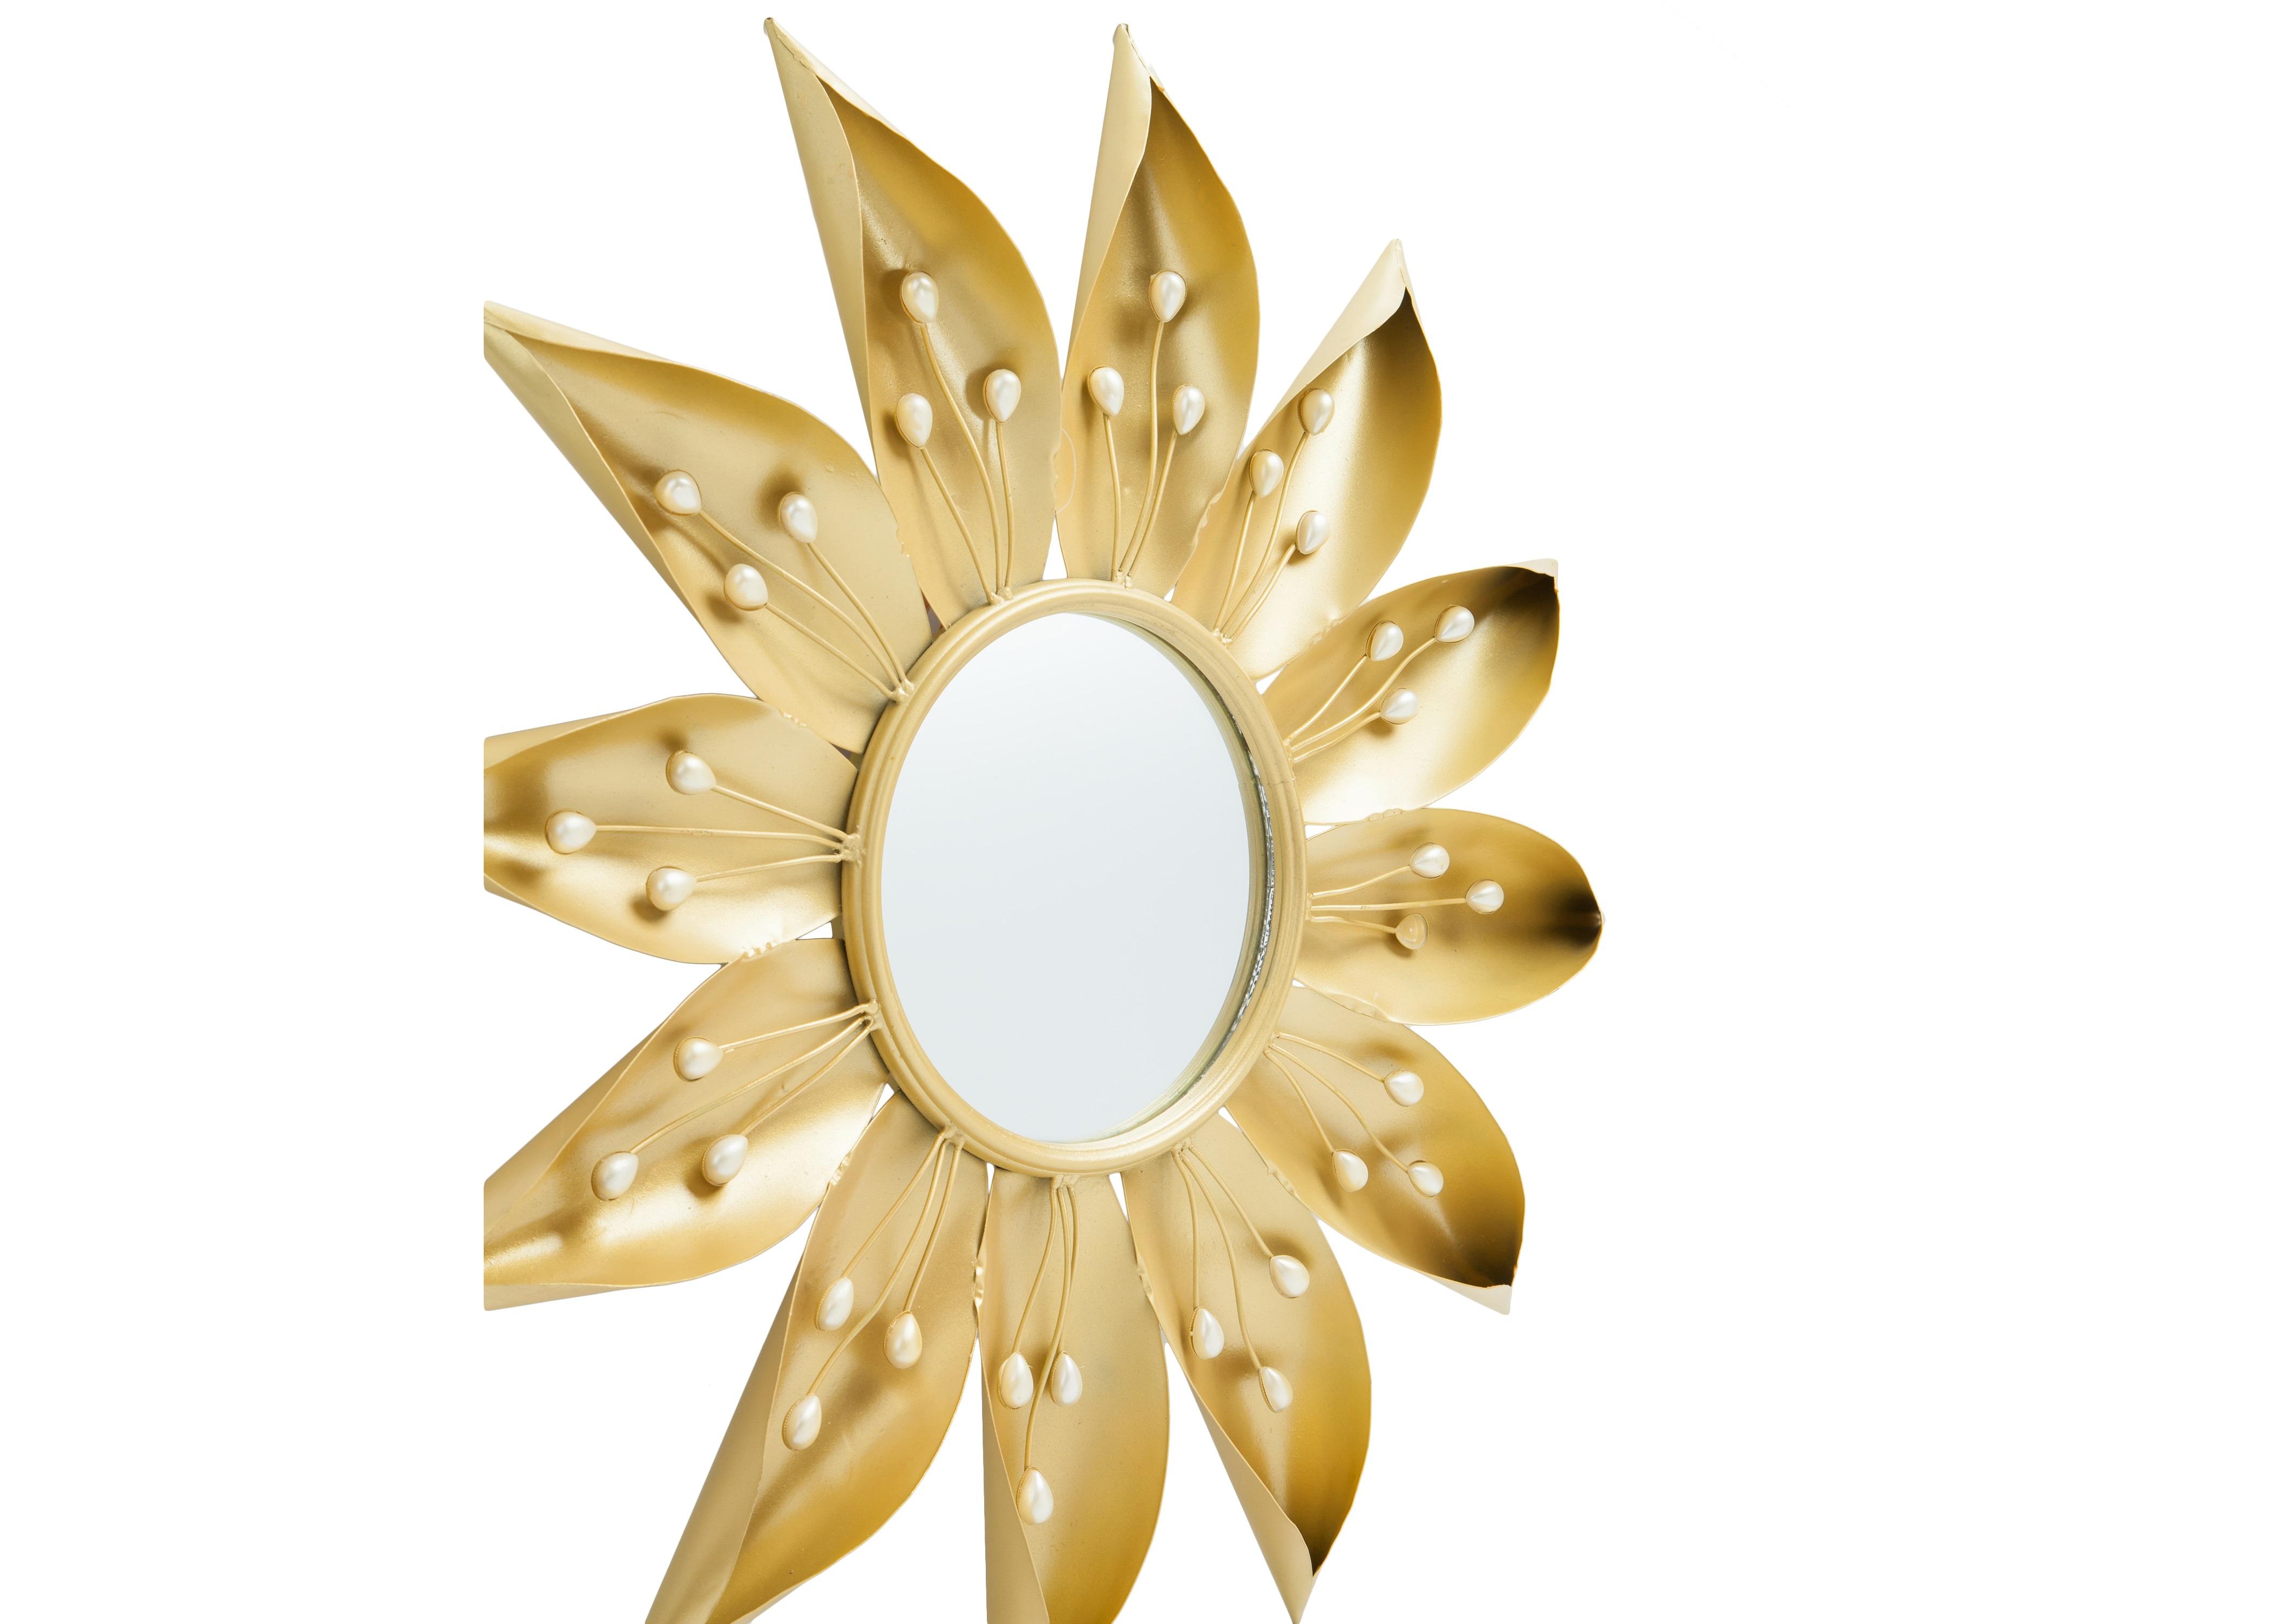 Зеркало ЦветокНастенные зеркала<br>Зеркало декоративное настенное в металлической раме в форме цветка.<br><br>Material: Металл<br>Depth см: 5<br>Diameter см: 62